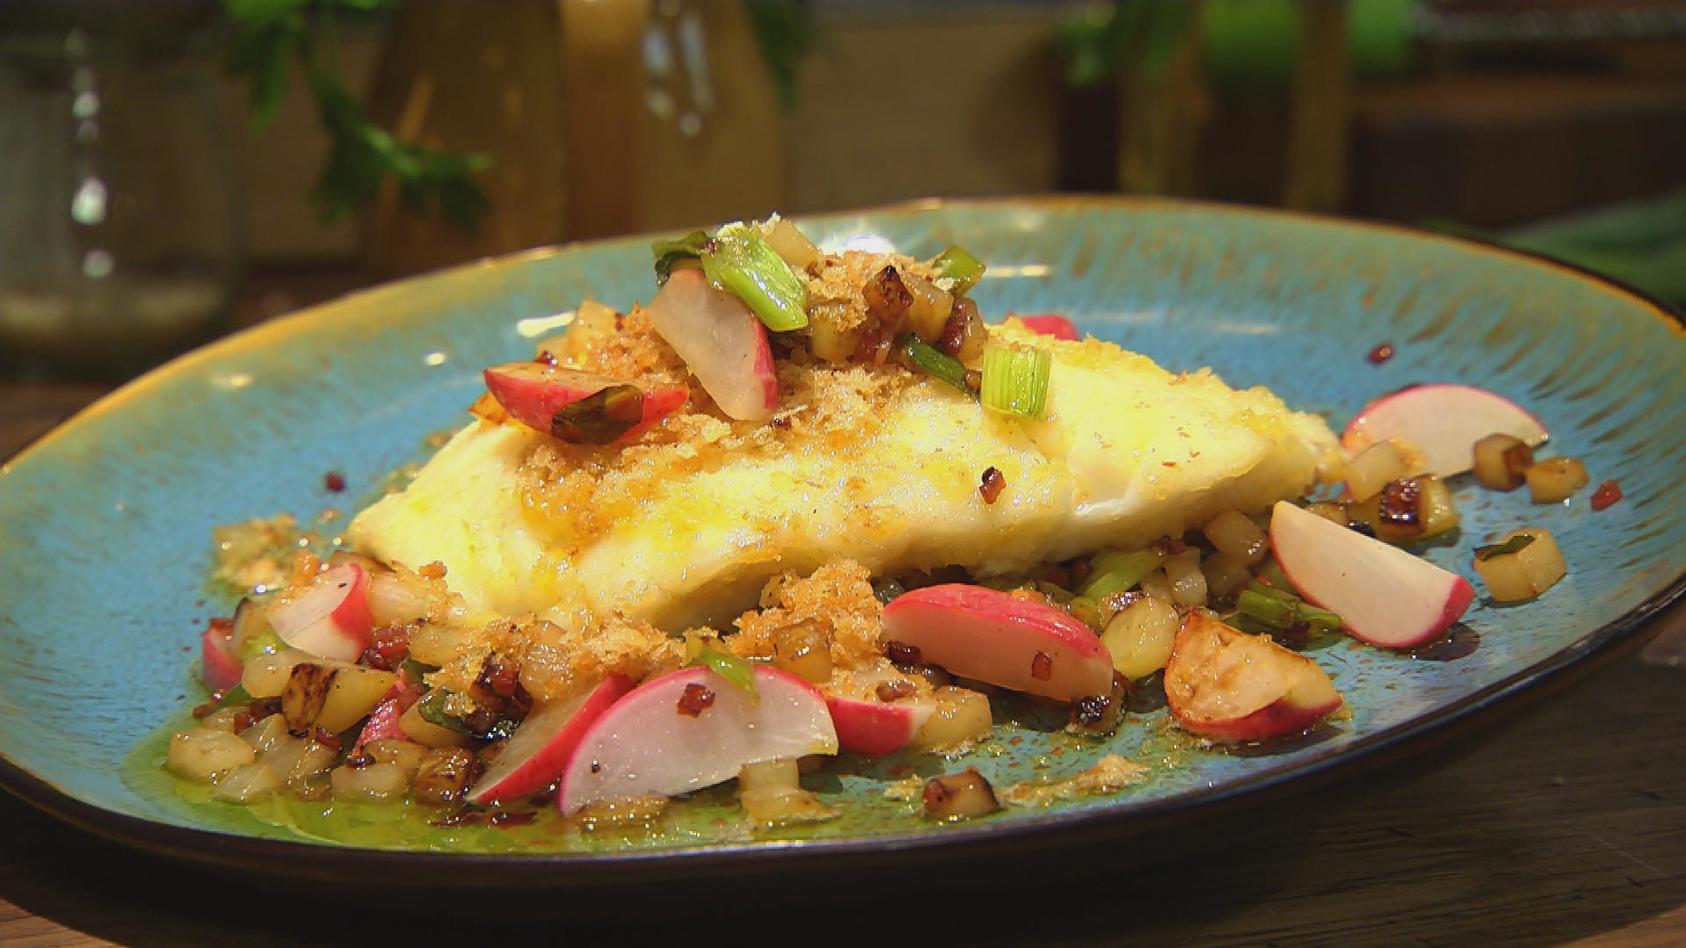 Himmlisches Dinner – Einfach zum Dahinschmelzen: Kabeljau mit Bratgemüse